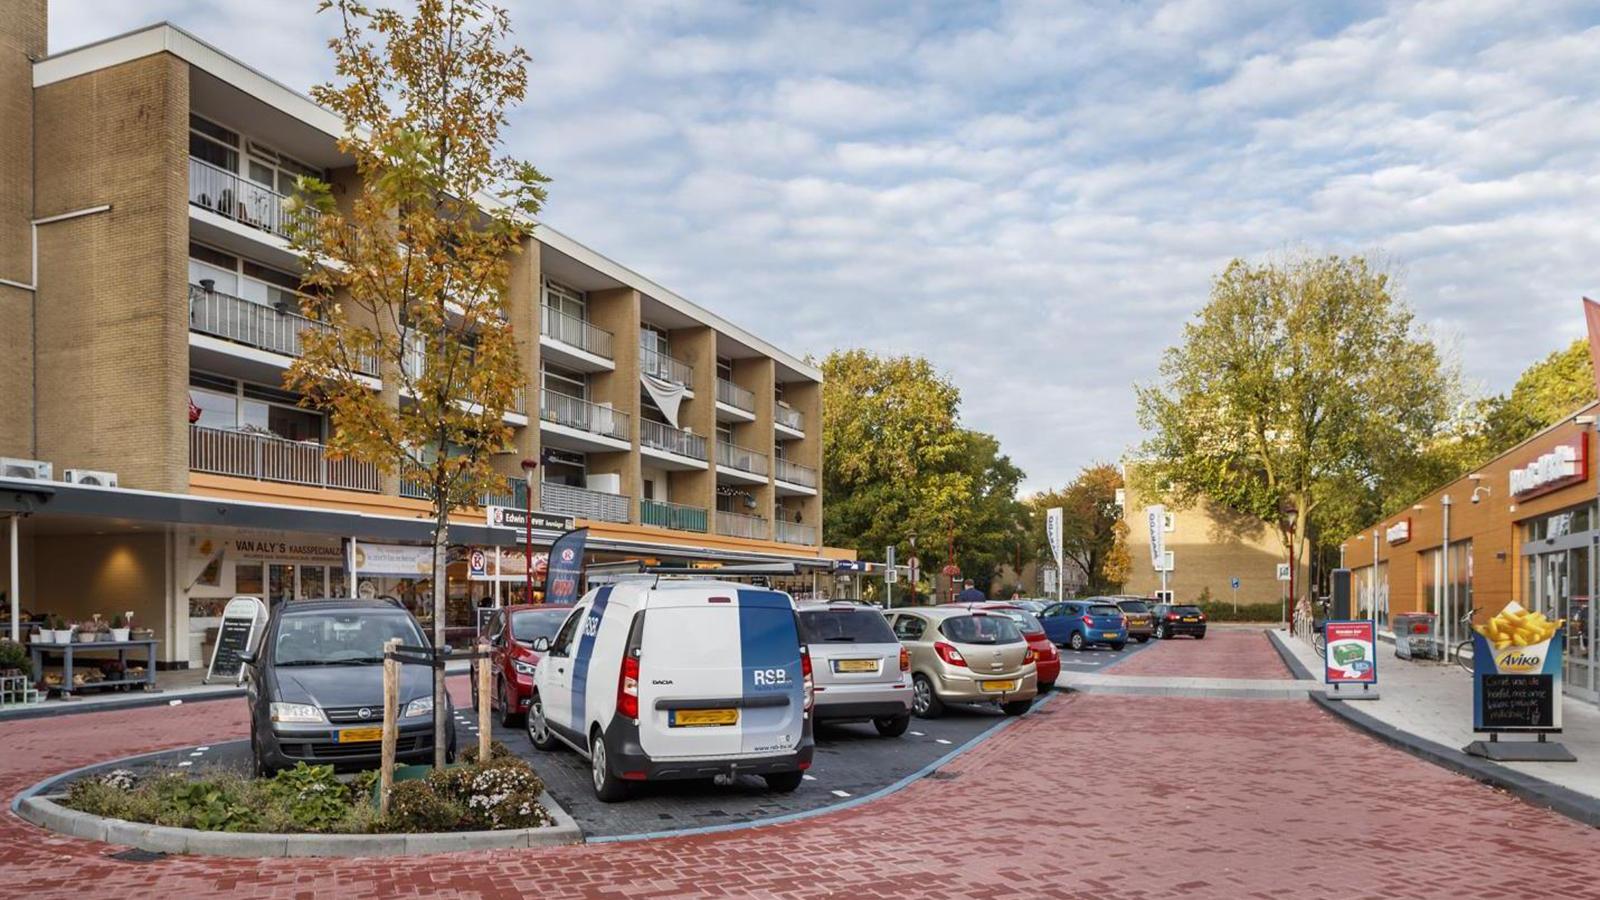 woning- en winkelcomplex Makadocenter, Nieuwegein